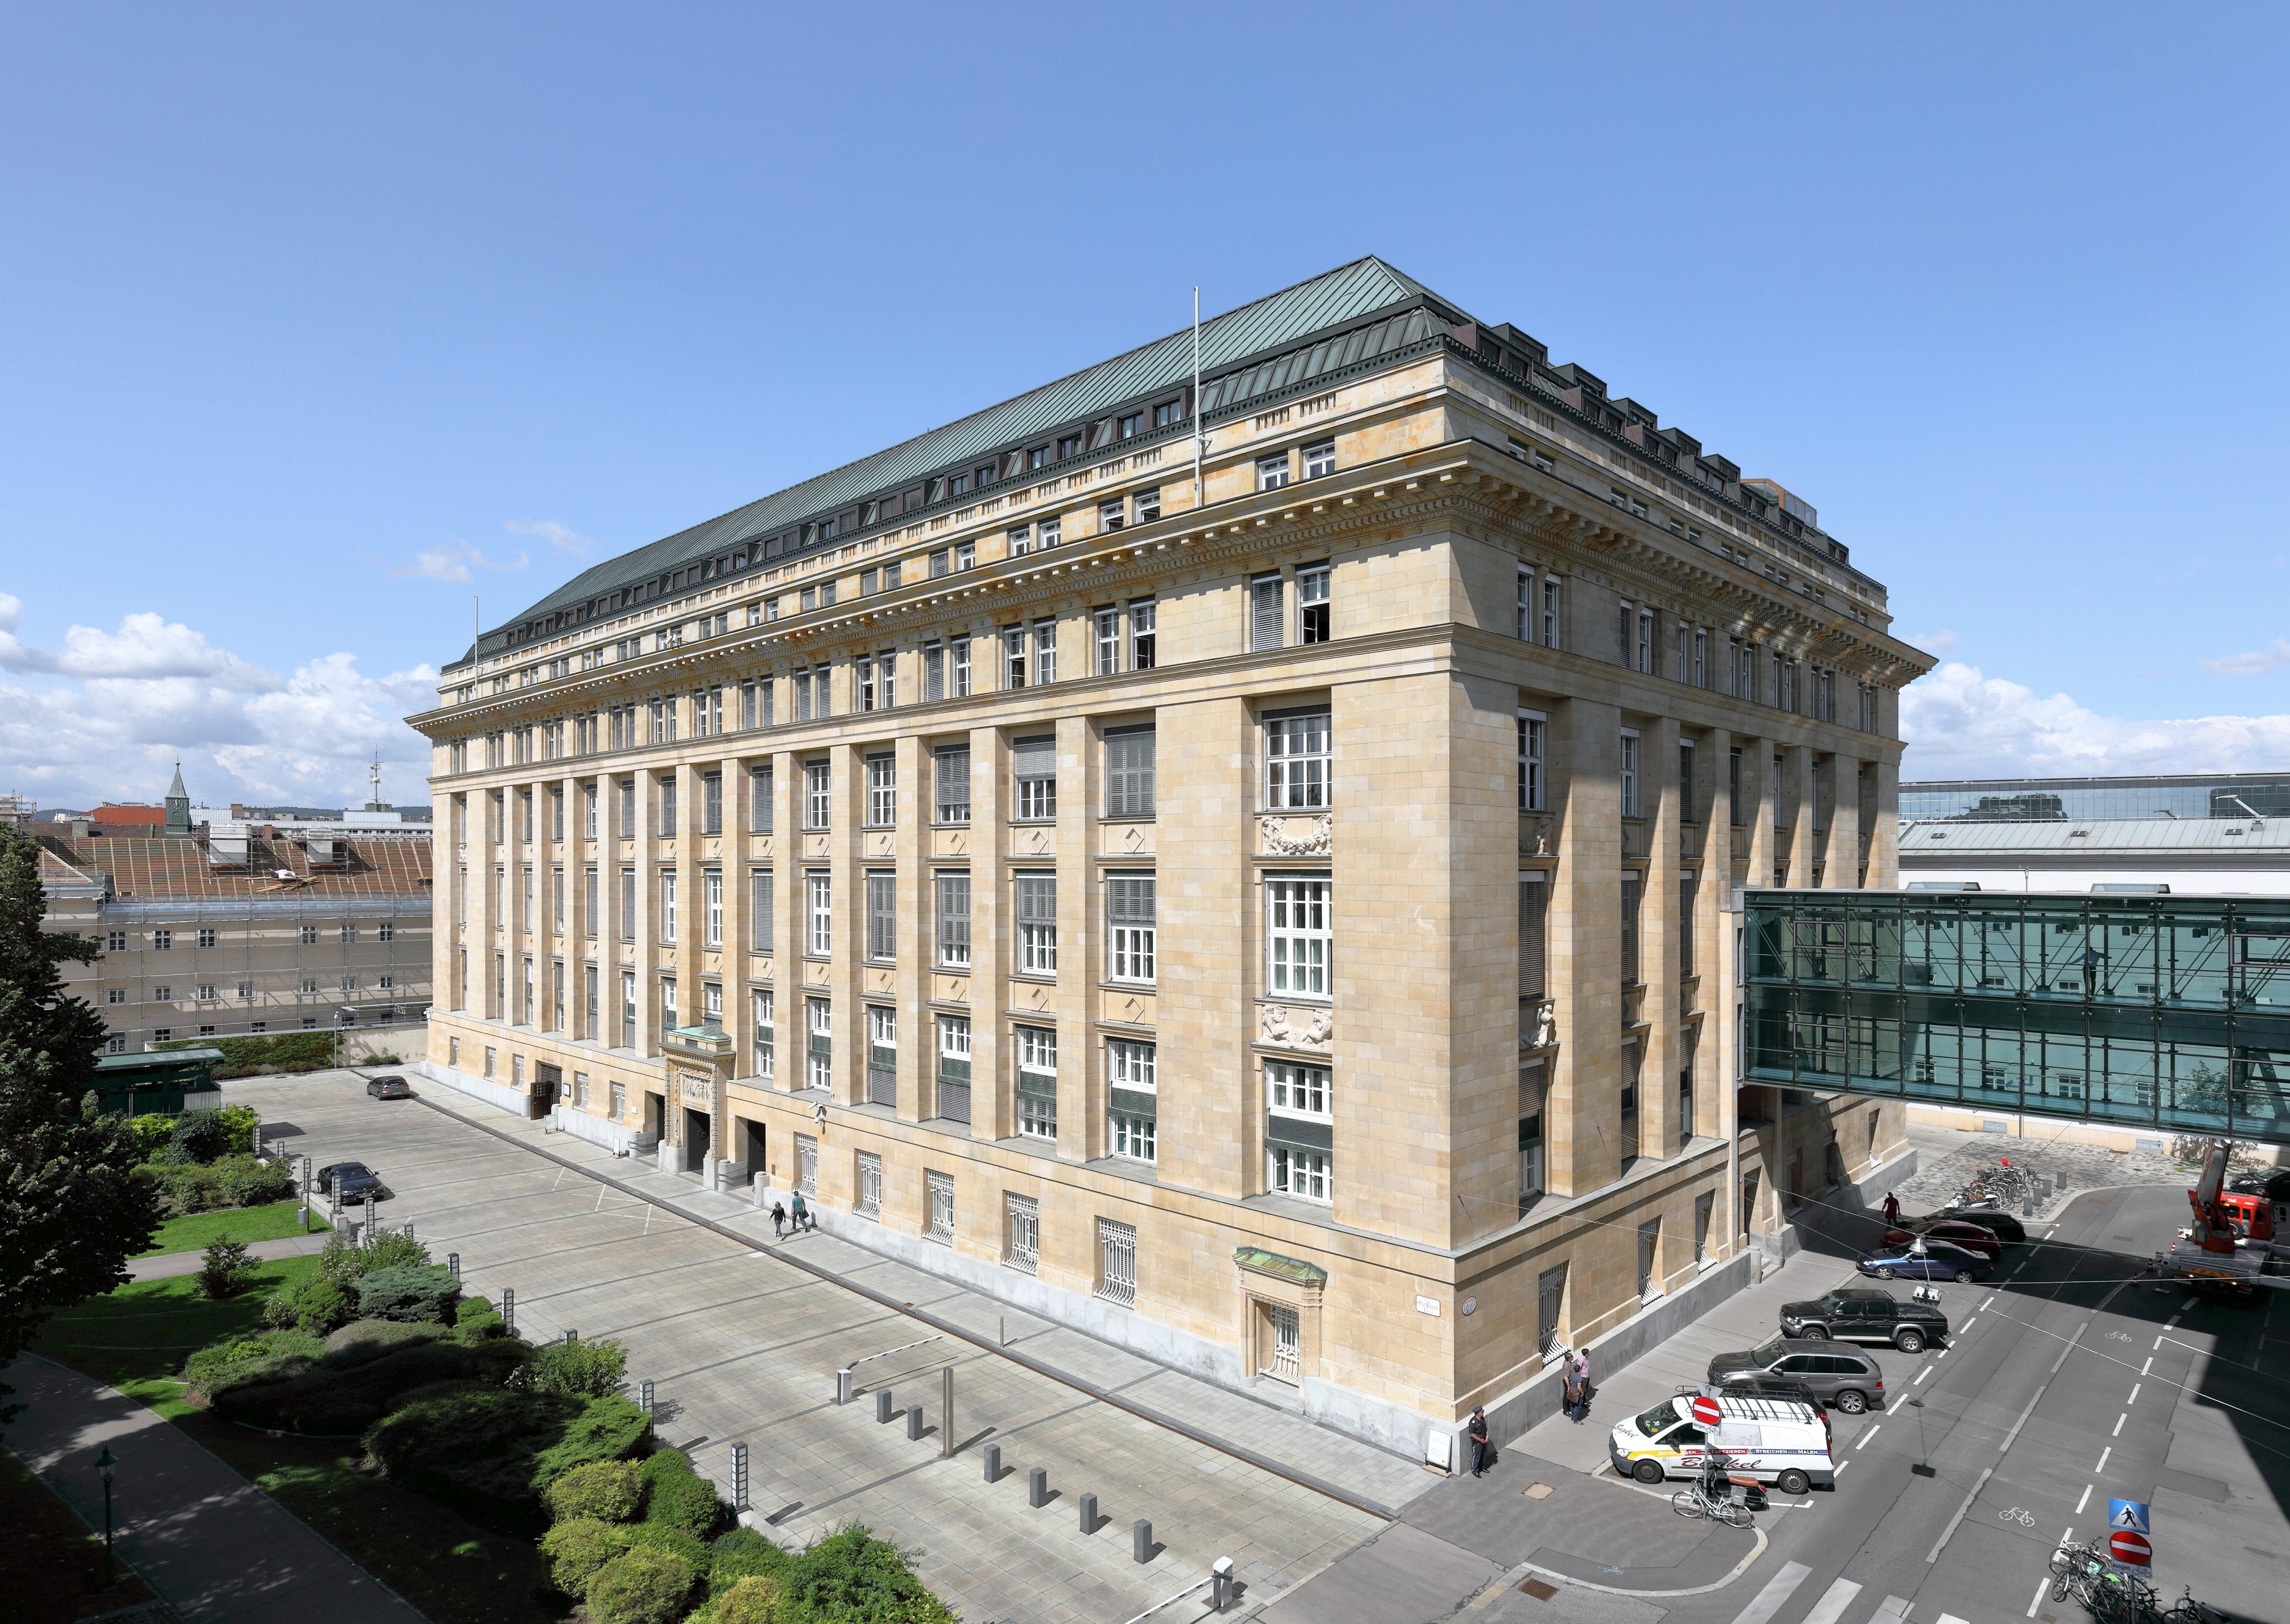 Alsergrund_(Wien)_-_Hauptgebäude_der_Österreichischen_Nationalbank